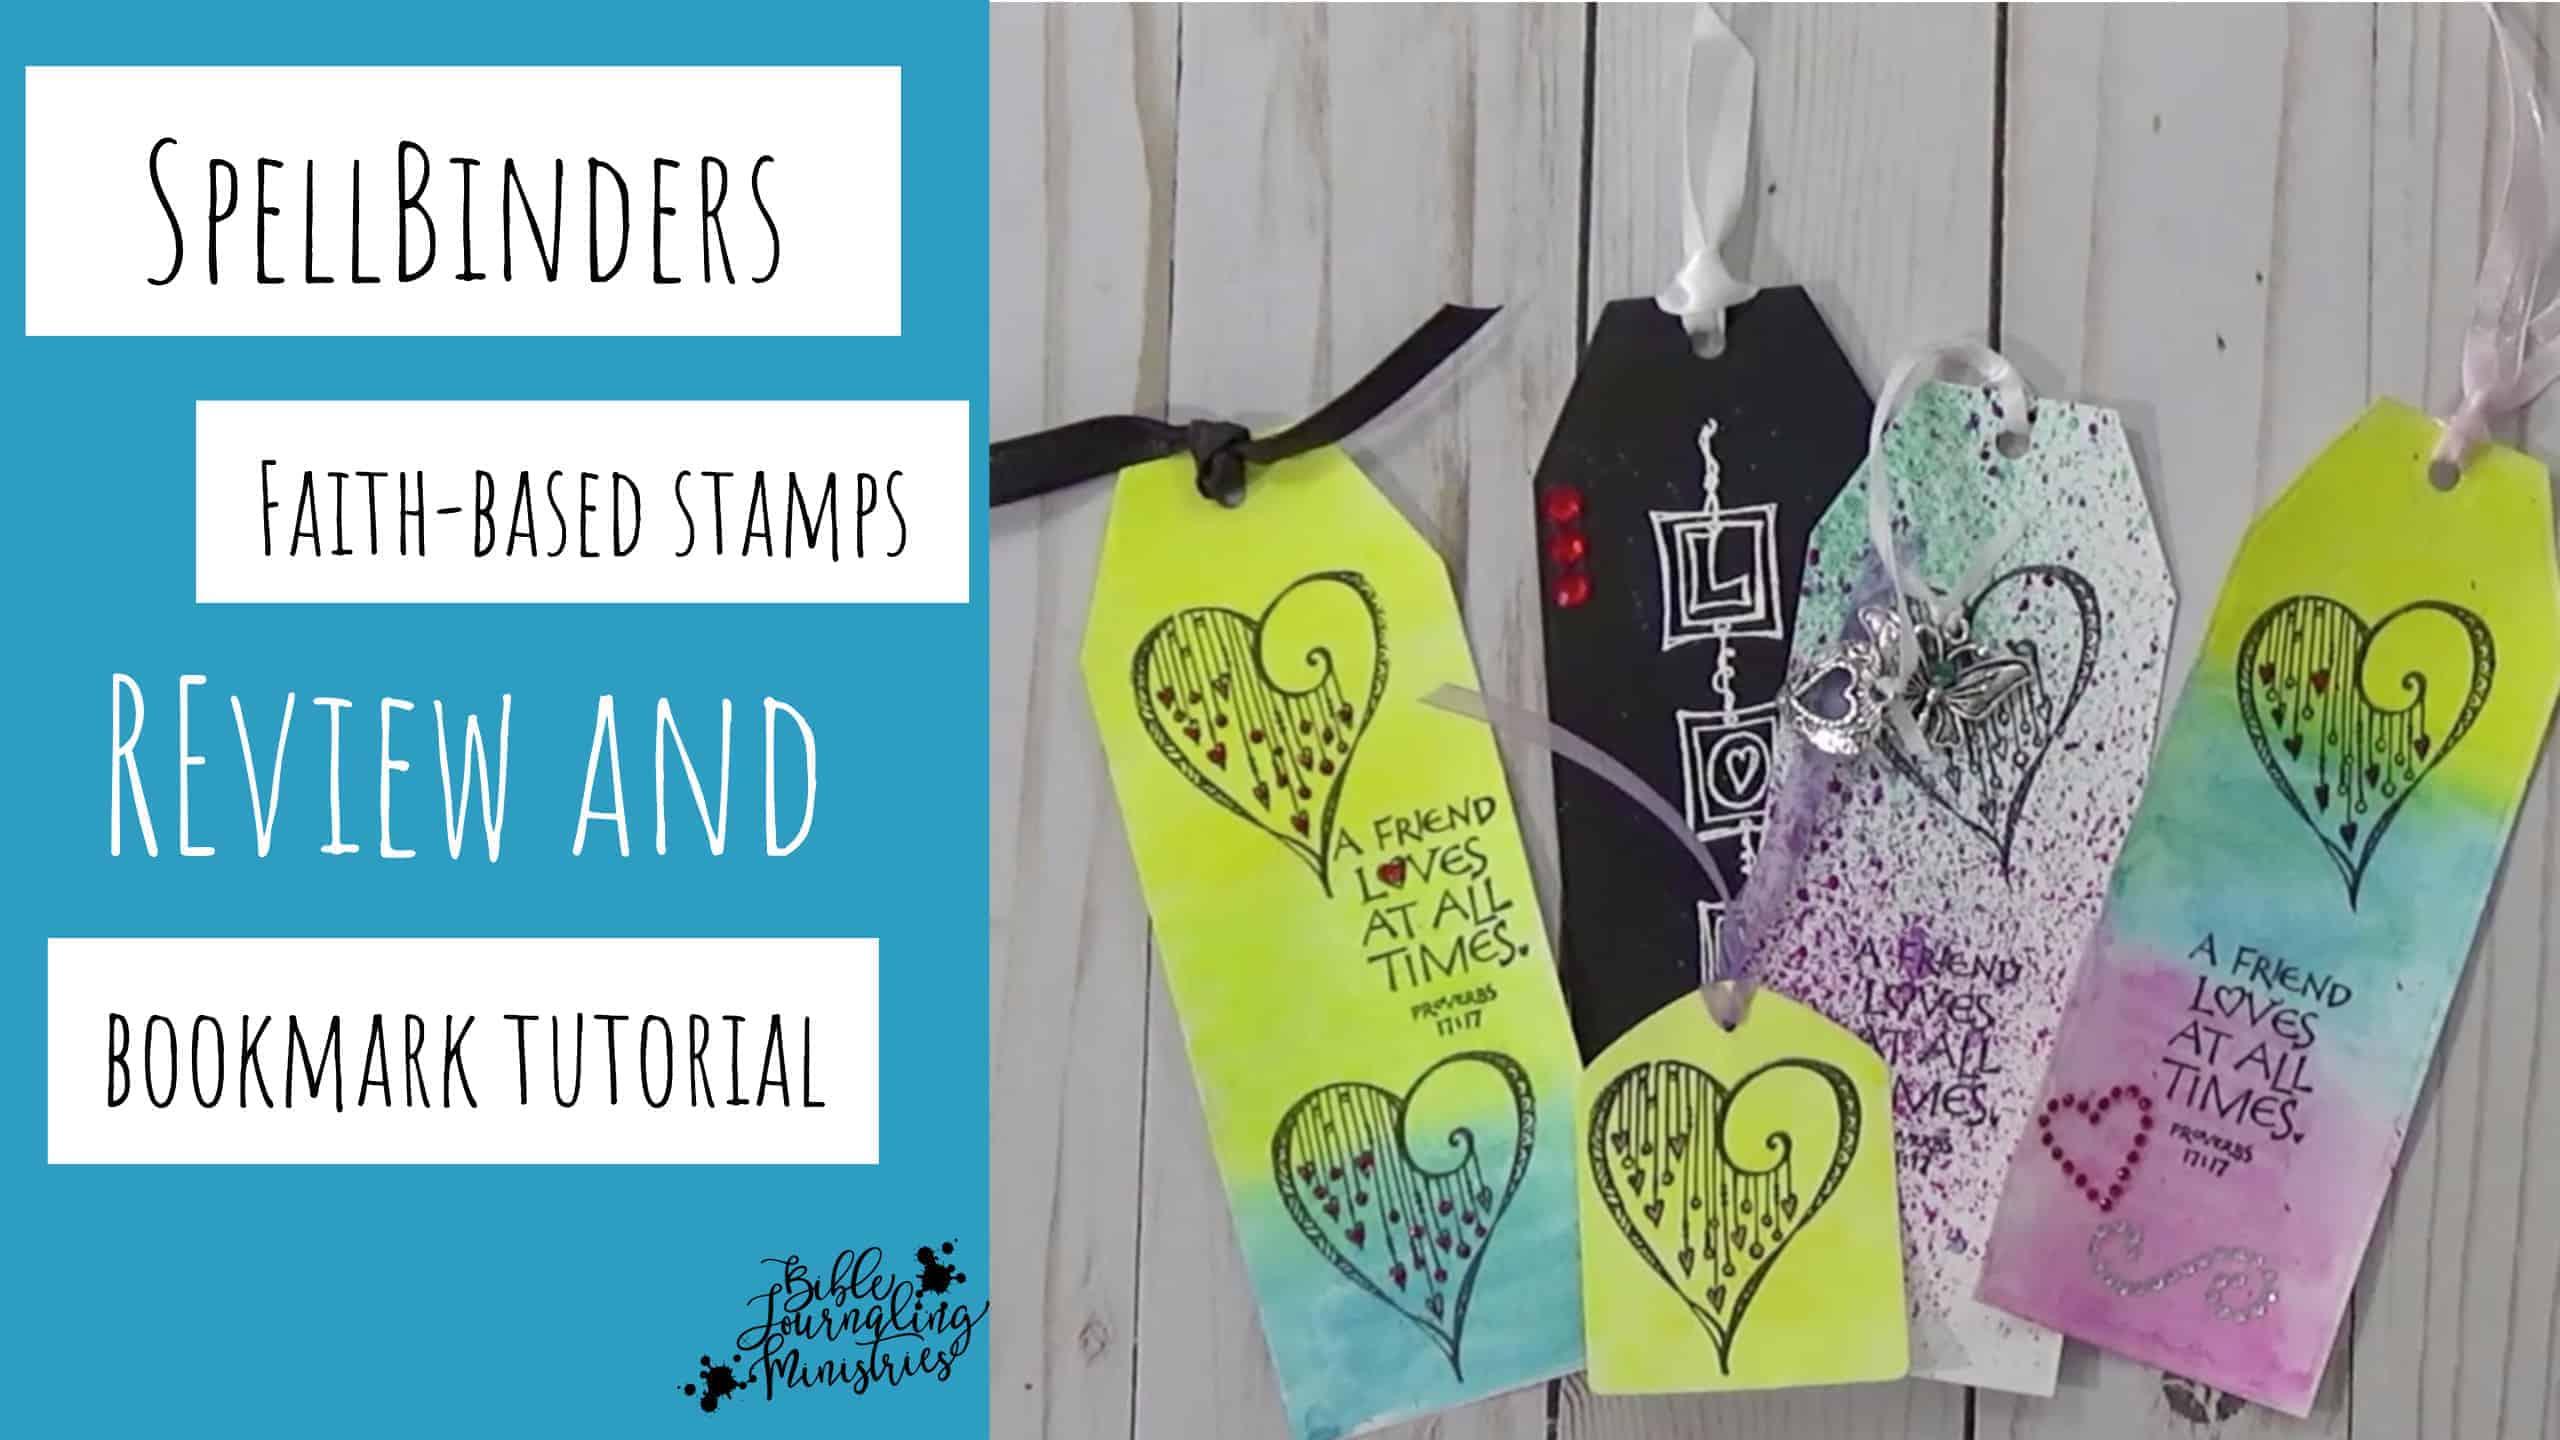 Spellbinders Bible Journaling Stamps and Bonus Bookmark Tutorial